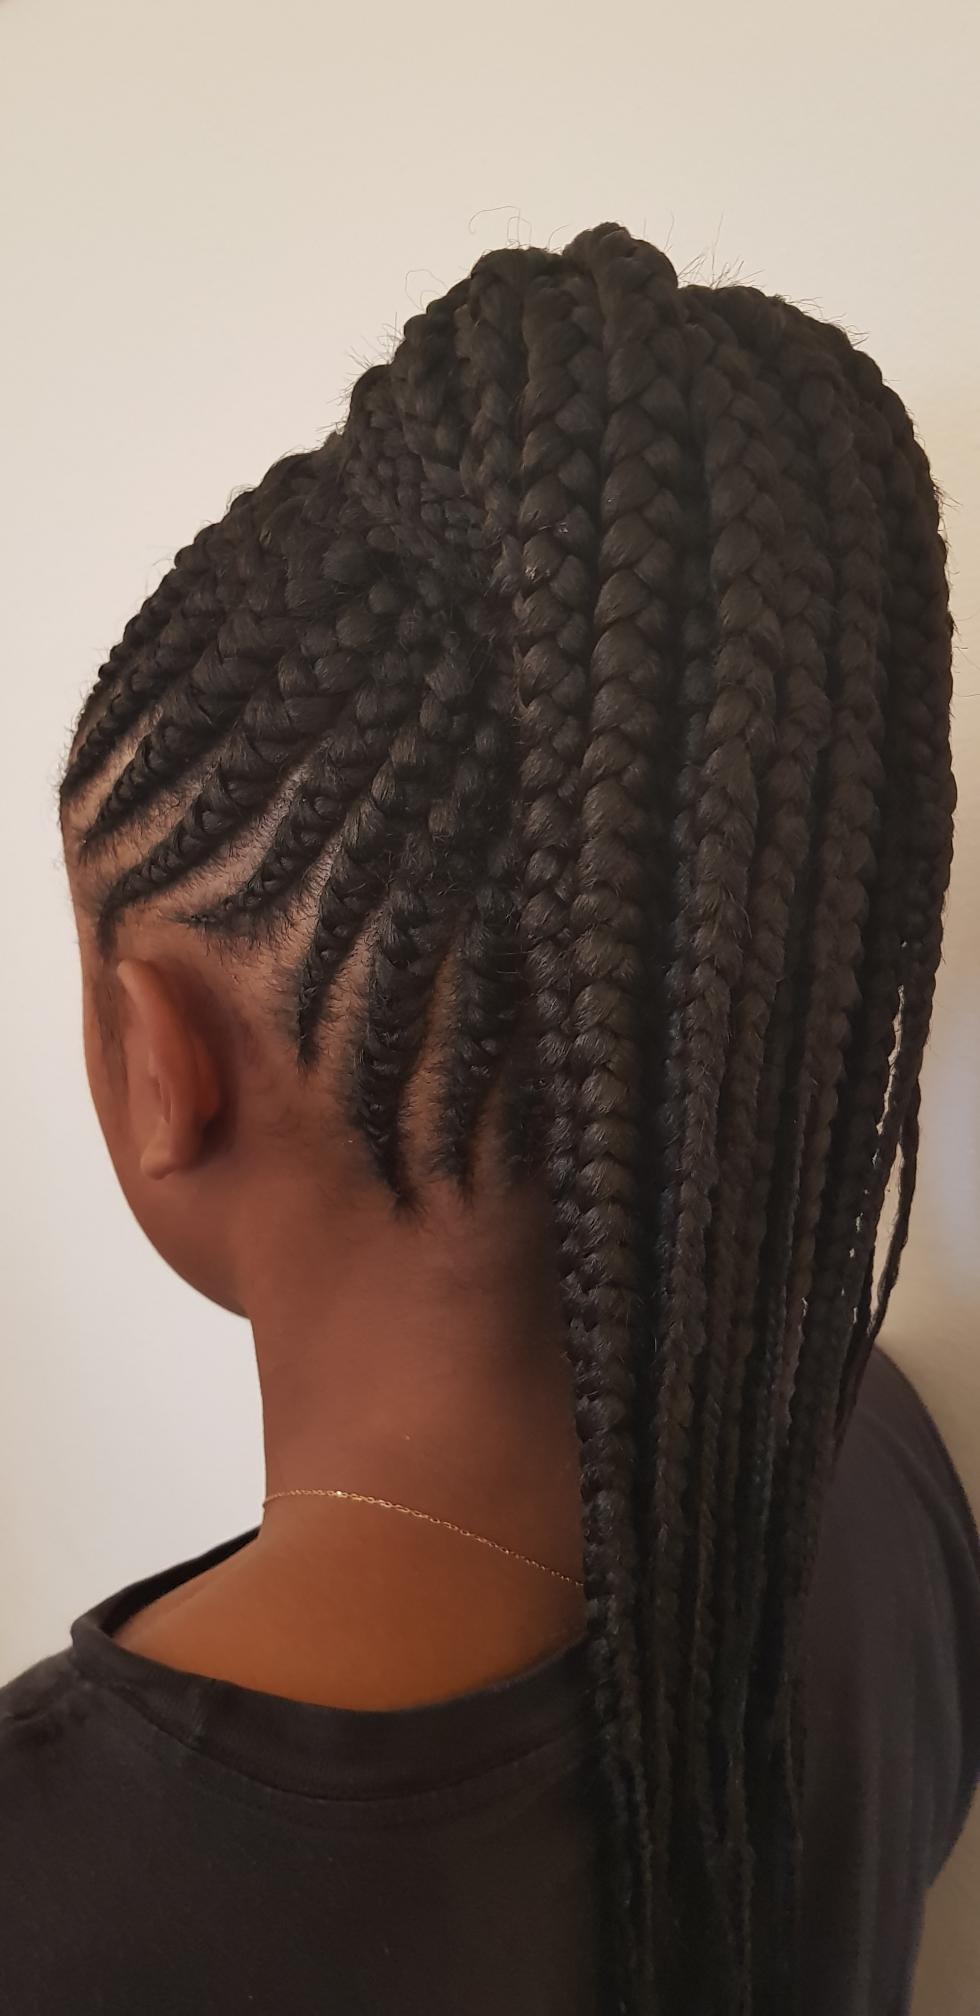 salon de coiffure afro tresse tresses box braids crochet braids vanilles tissages paris 75 77 78 91 92 93 94 95 XFHQIAFC